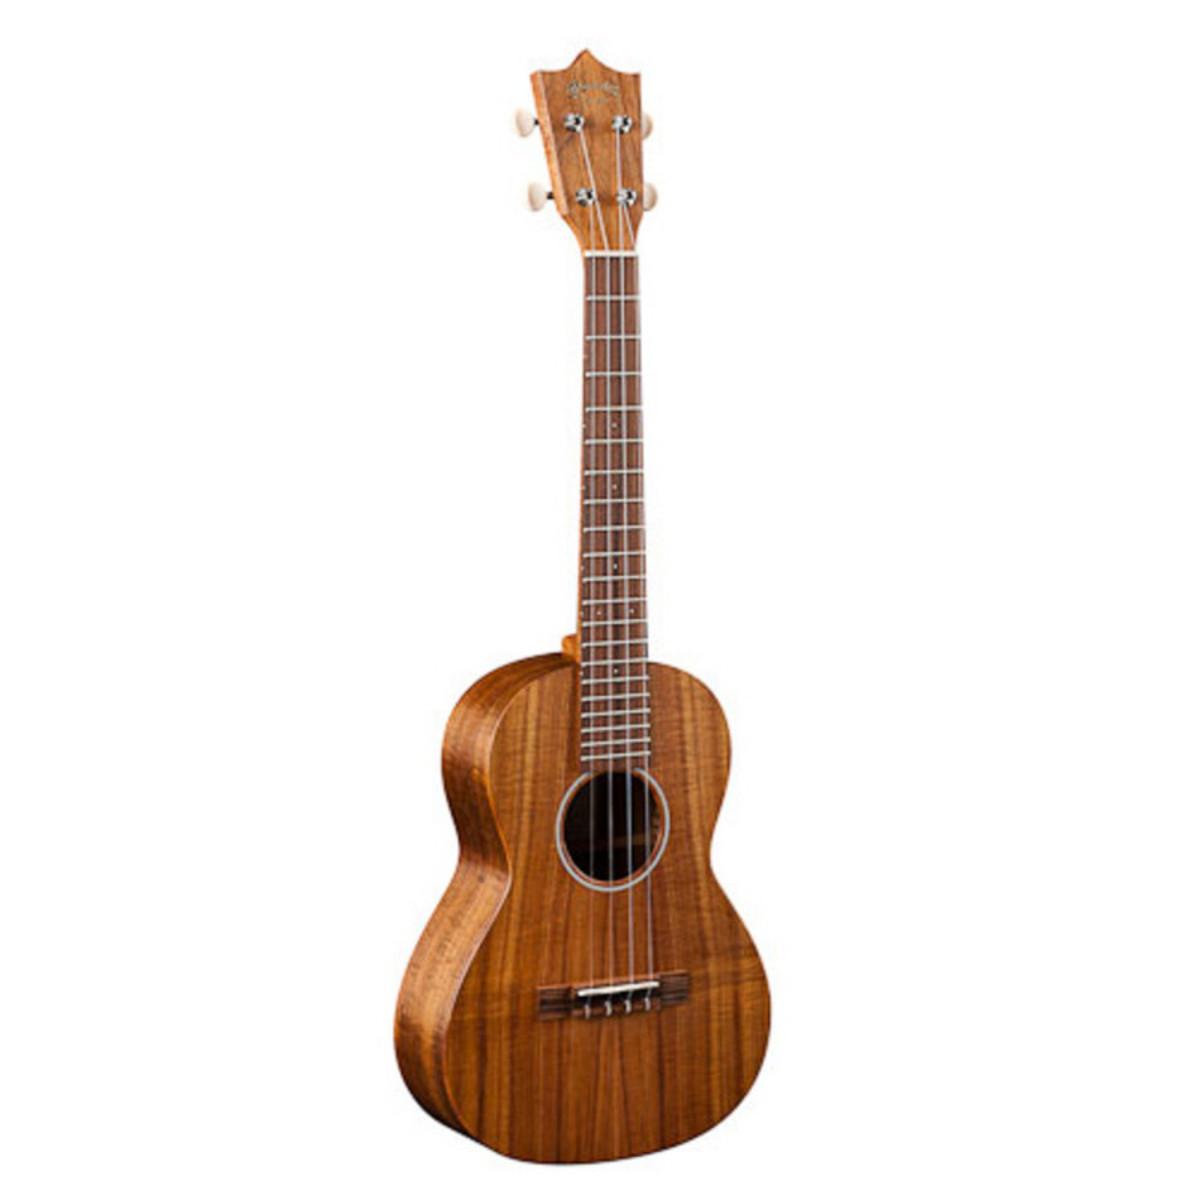 Martin t1k ukul l housse for Housse ukulele